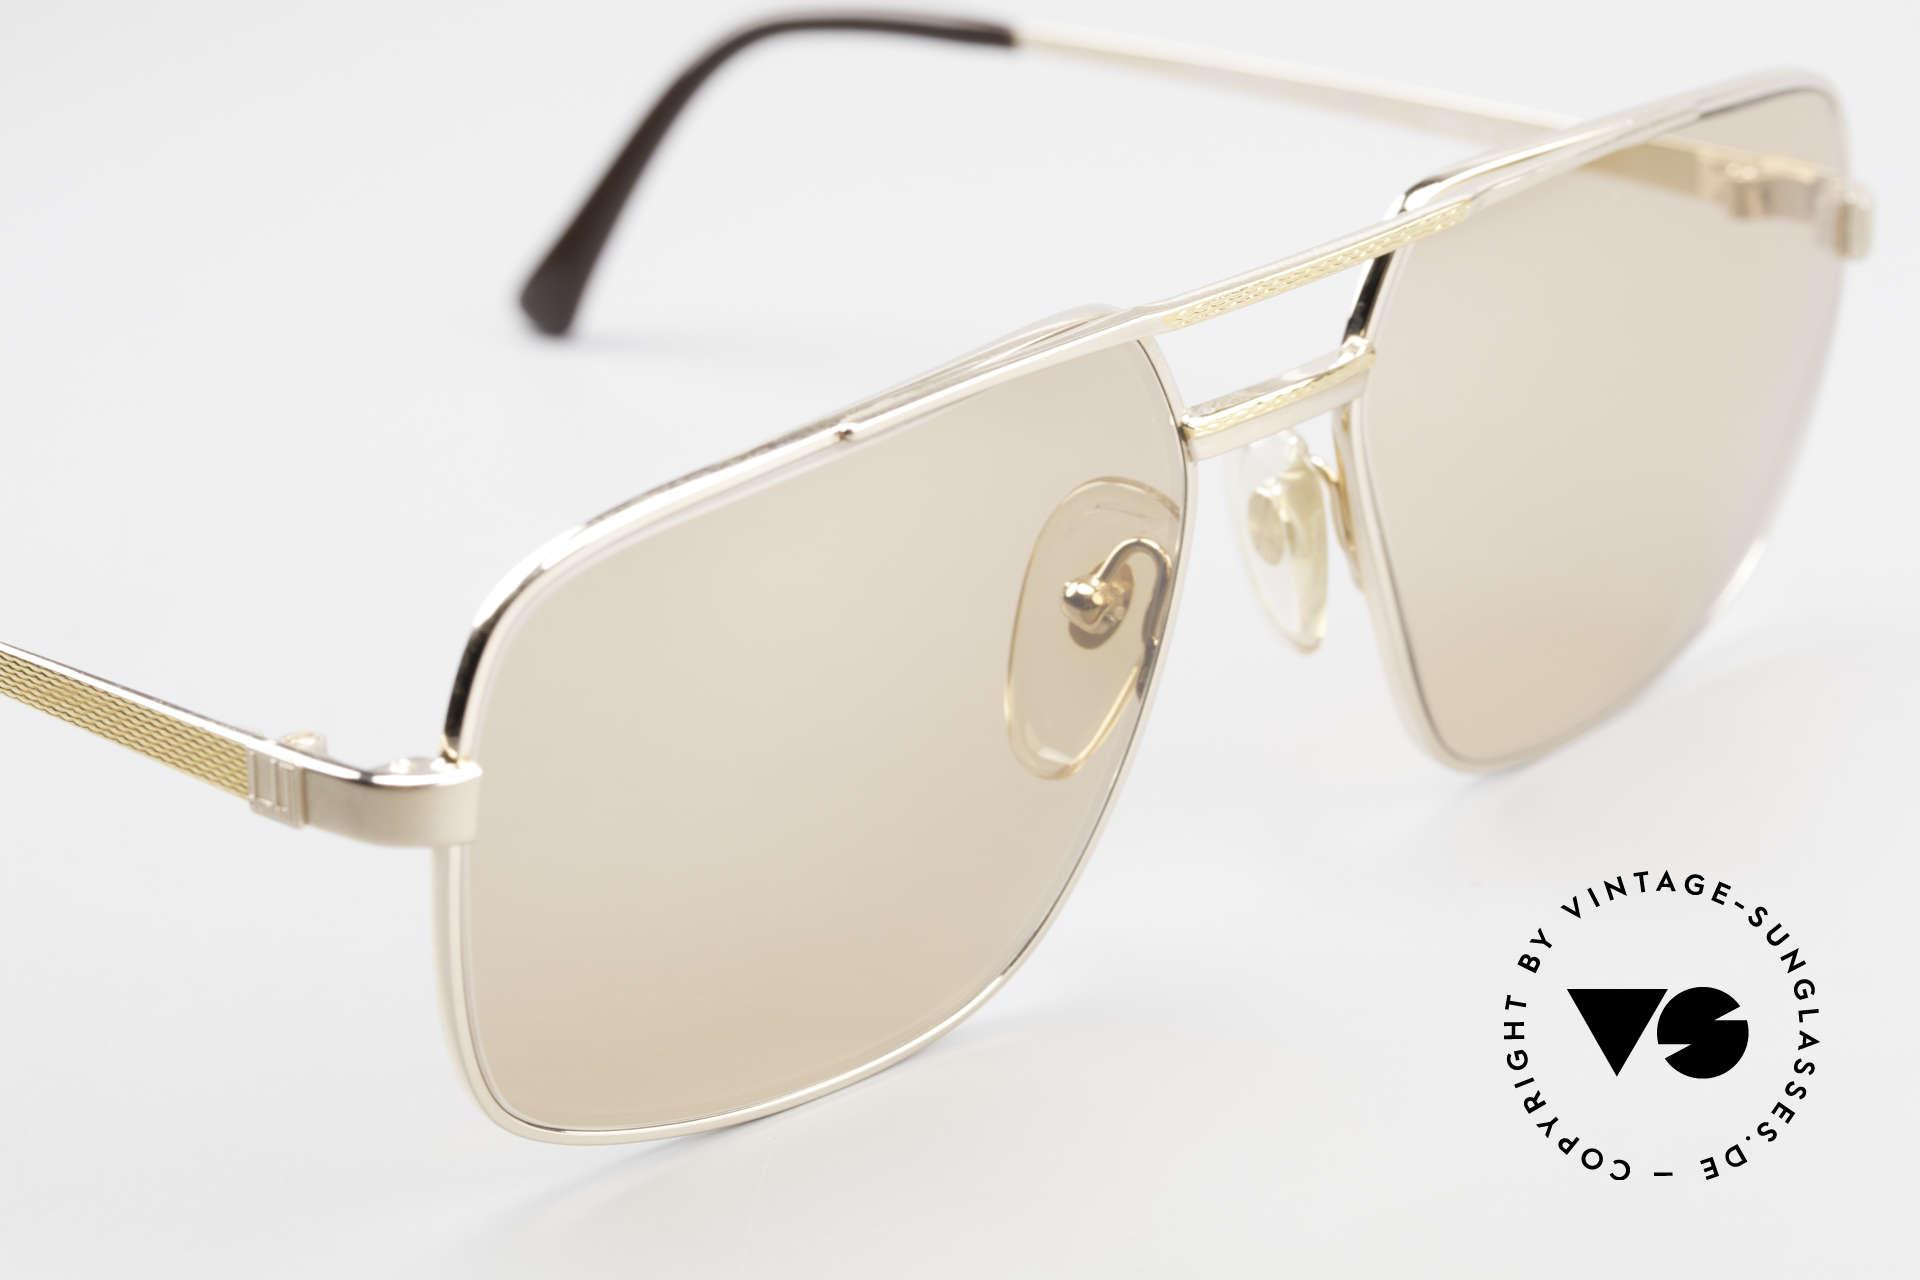 Dunhill 6068 Vergoldete Brille Automatik, ungetragen (wie alle unsere vintage Dunhill Brillen), Passend für Herren